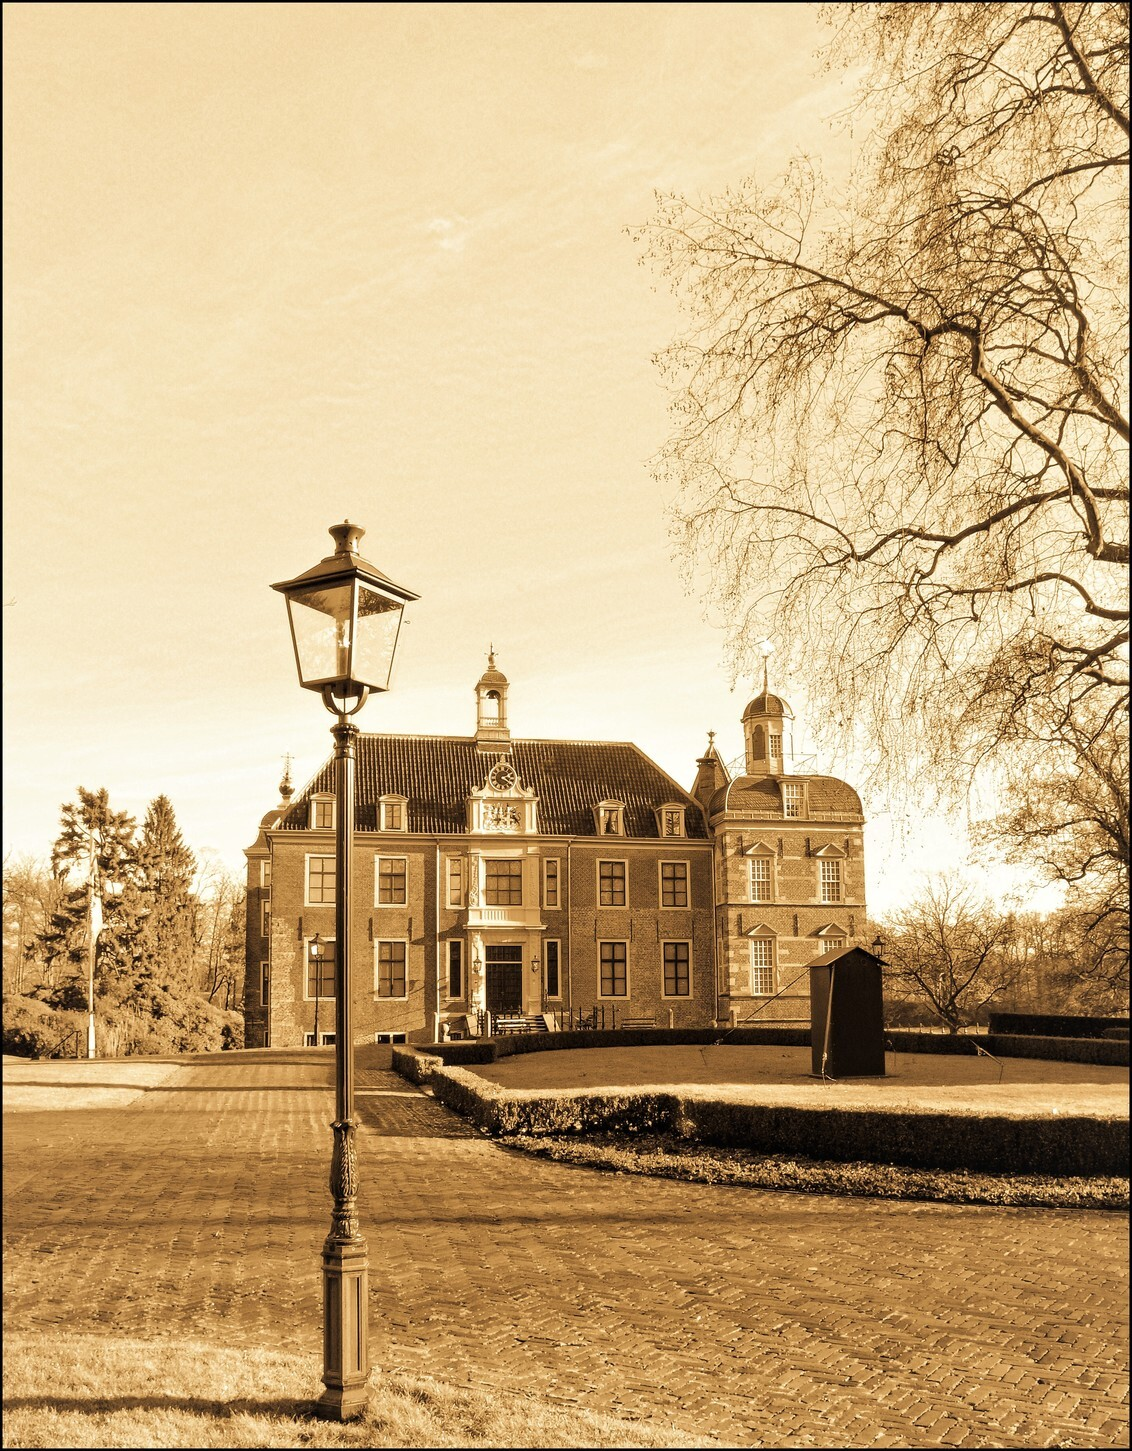 Kasteel Ruurlo - Tweede locatie museum More. - foto door hanshoeben51 op 26-01-2021